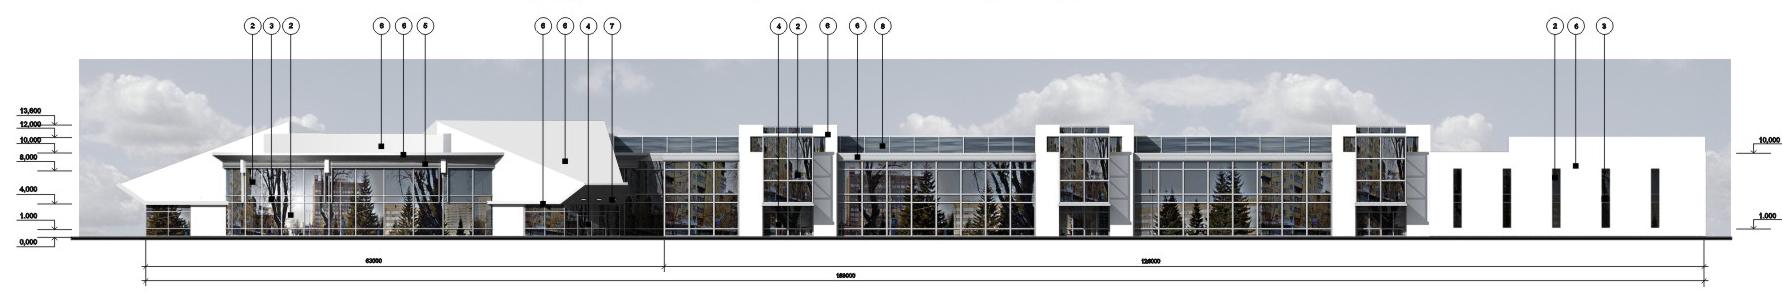 Фасад вид 1 М 1:200